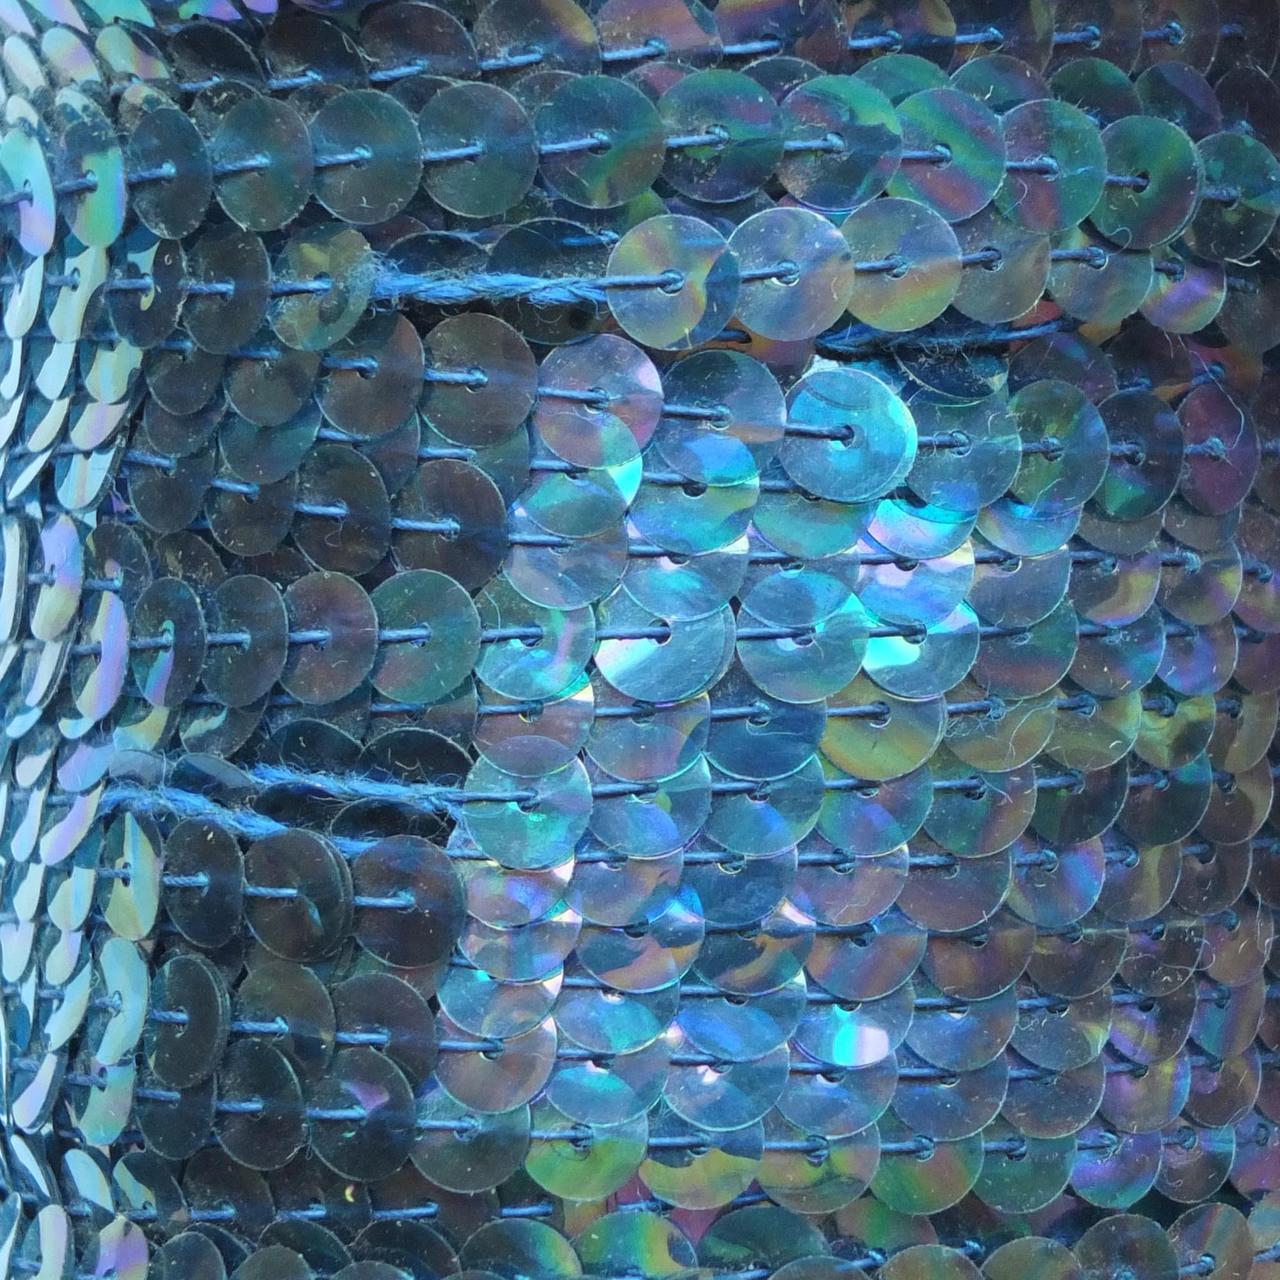 Sequin Trim 6mm Aqua Blue Crystal Rainbow Iris Iridescent